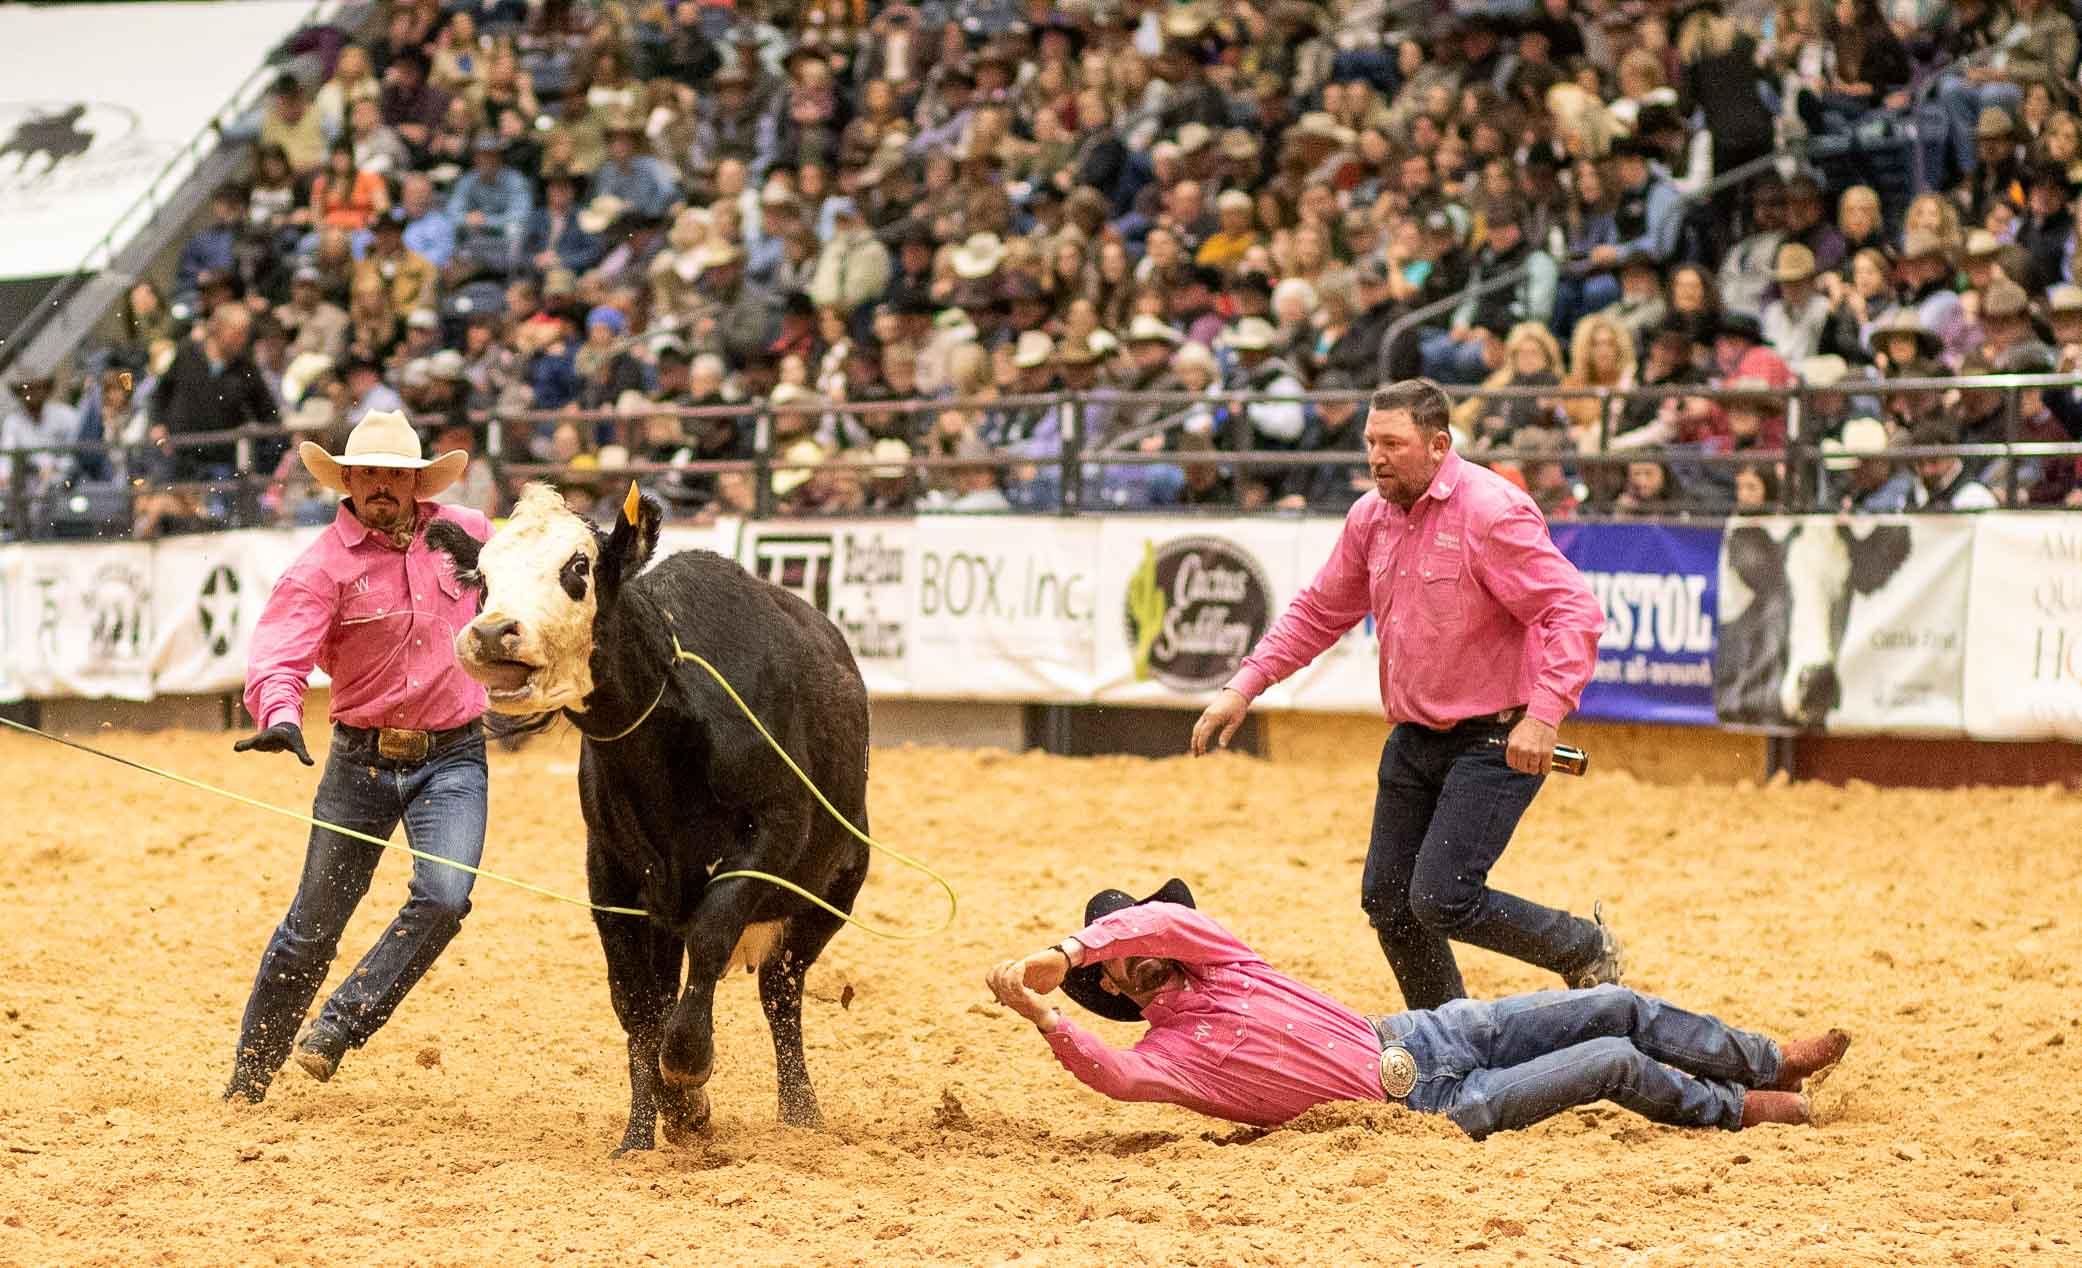 """Die Kuh bleibt Sieger. Sie kommt ungemolken davon. """"Verrücktes Vieh"""", sagt der Stadionsprecher."""